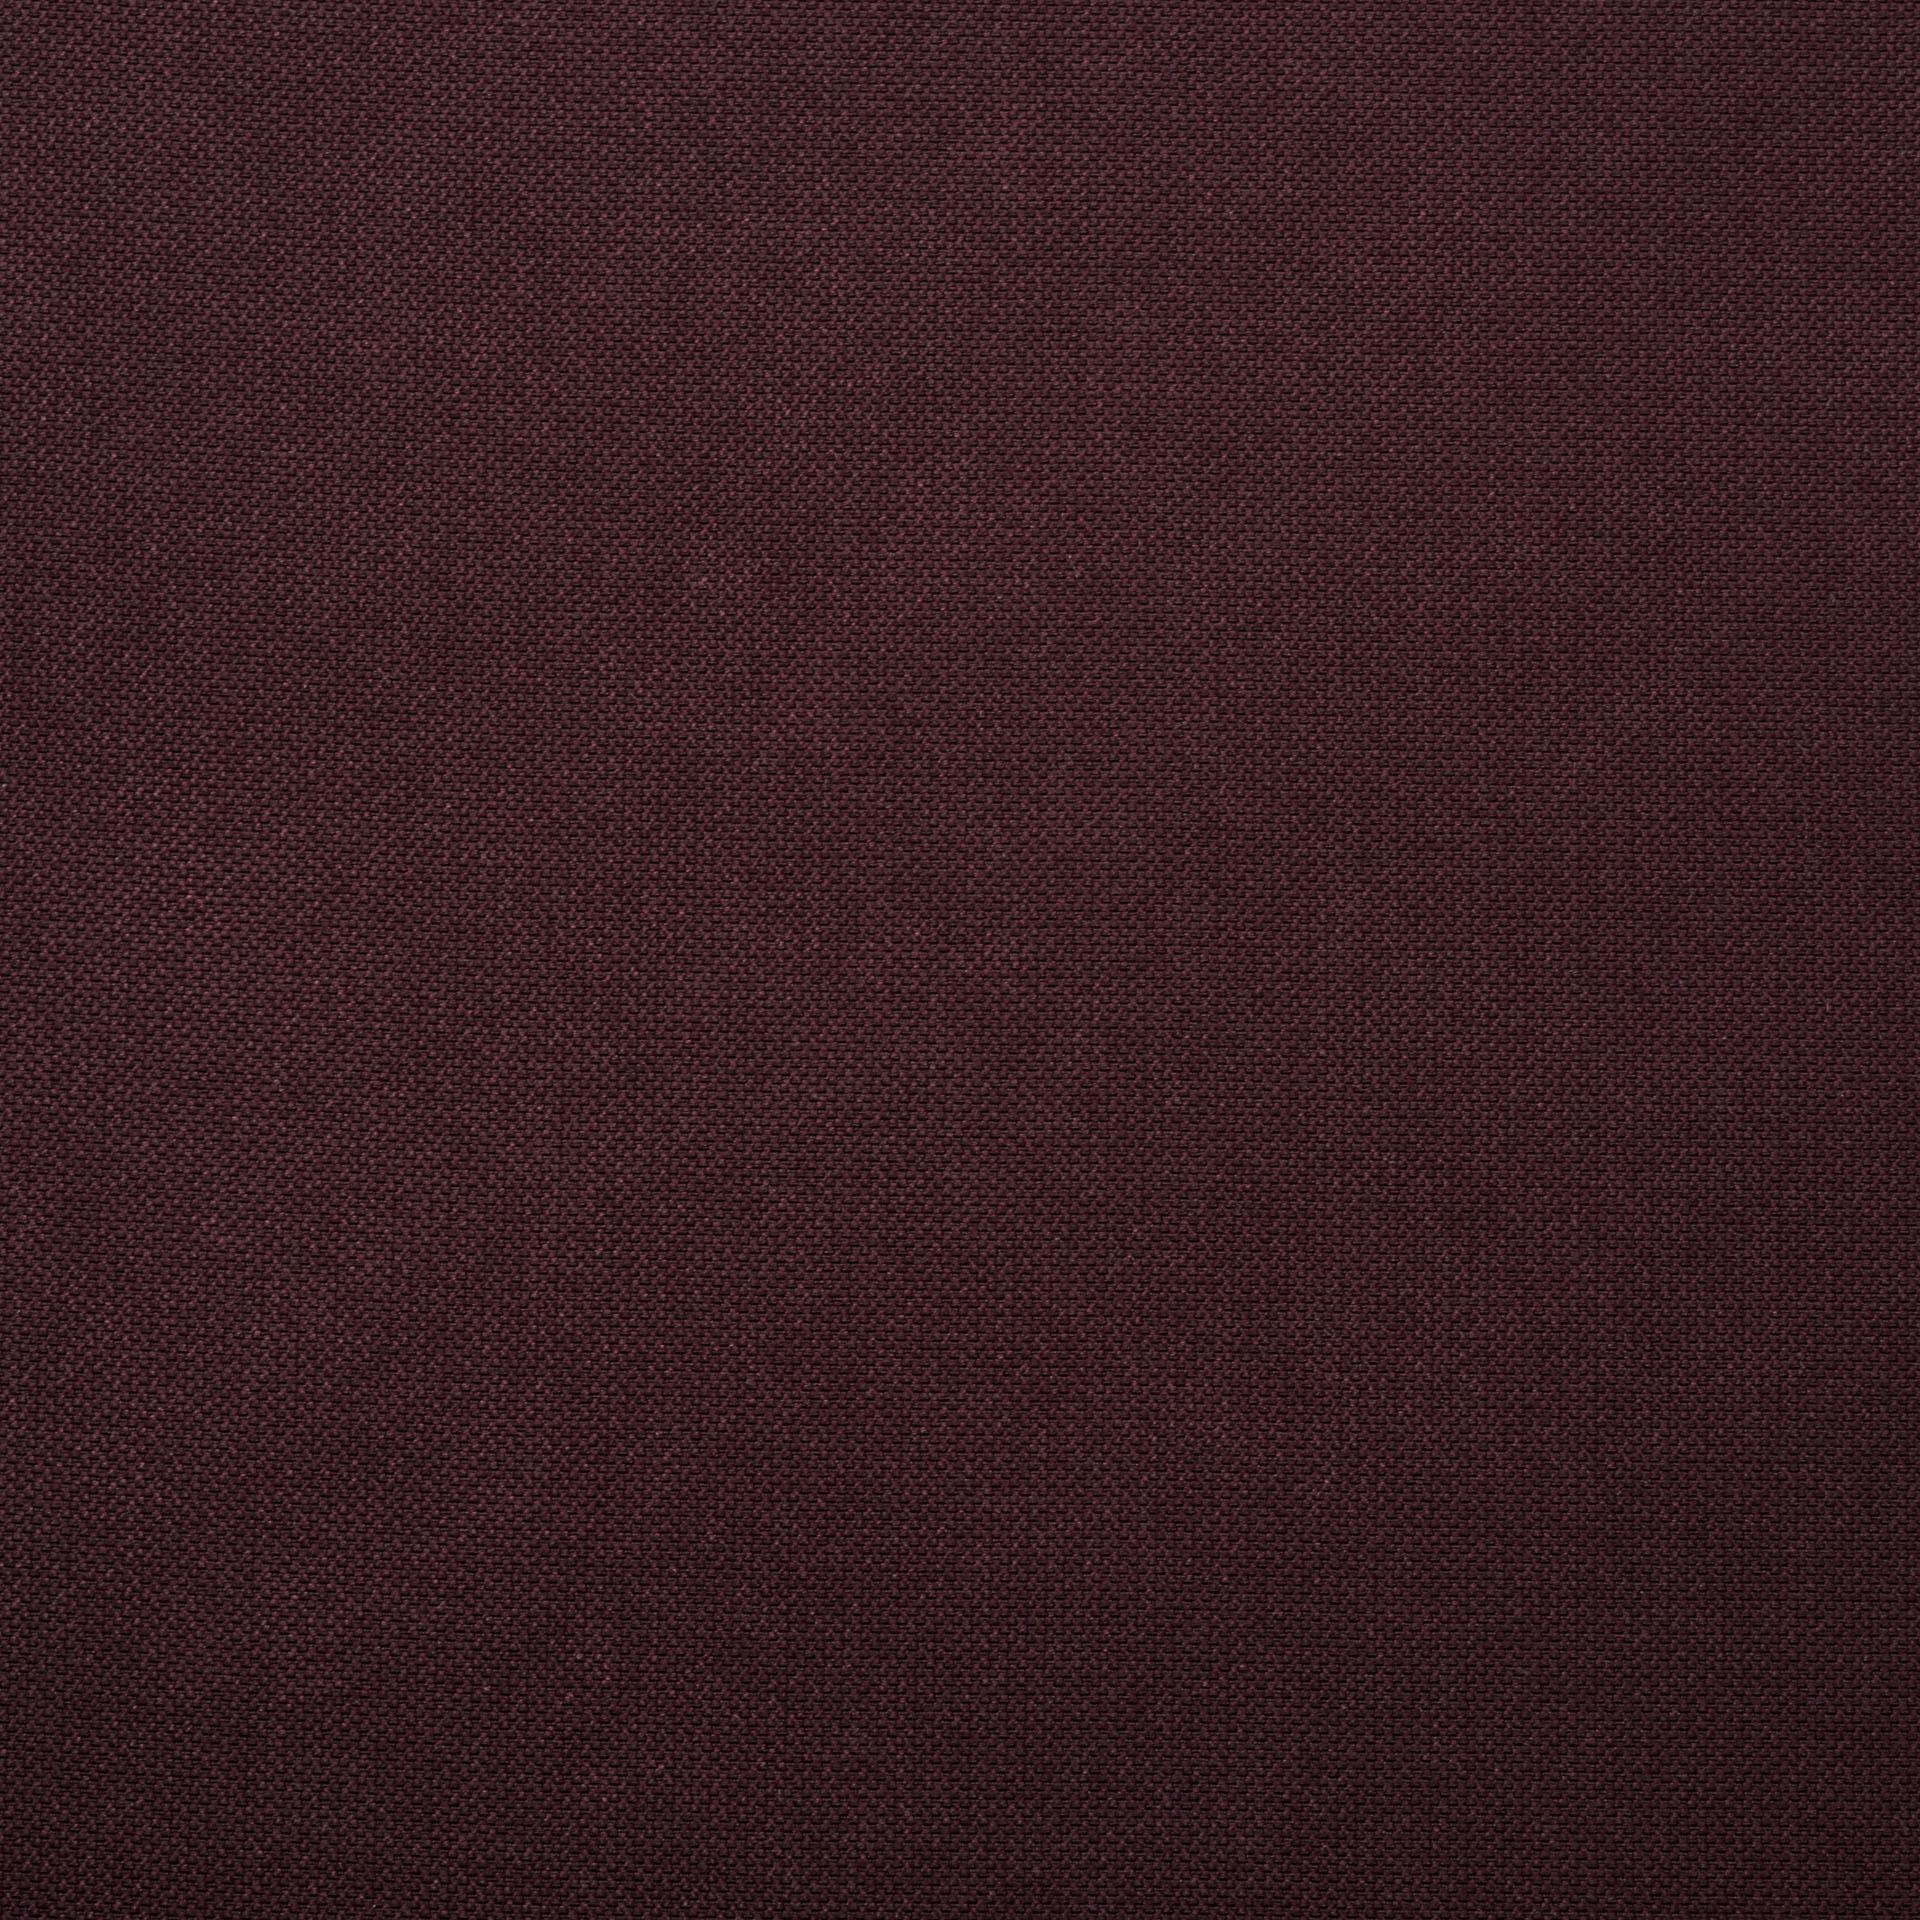 Коллекция ткани Стэнли 20 WINE,  купить ткань Жаккард для мебели Украина